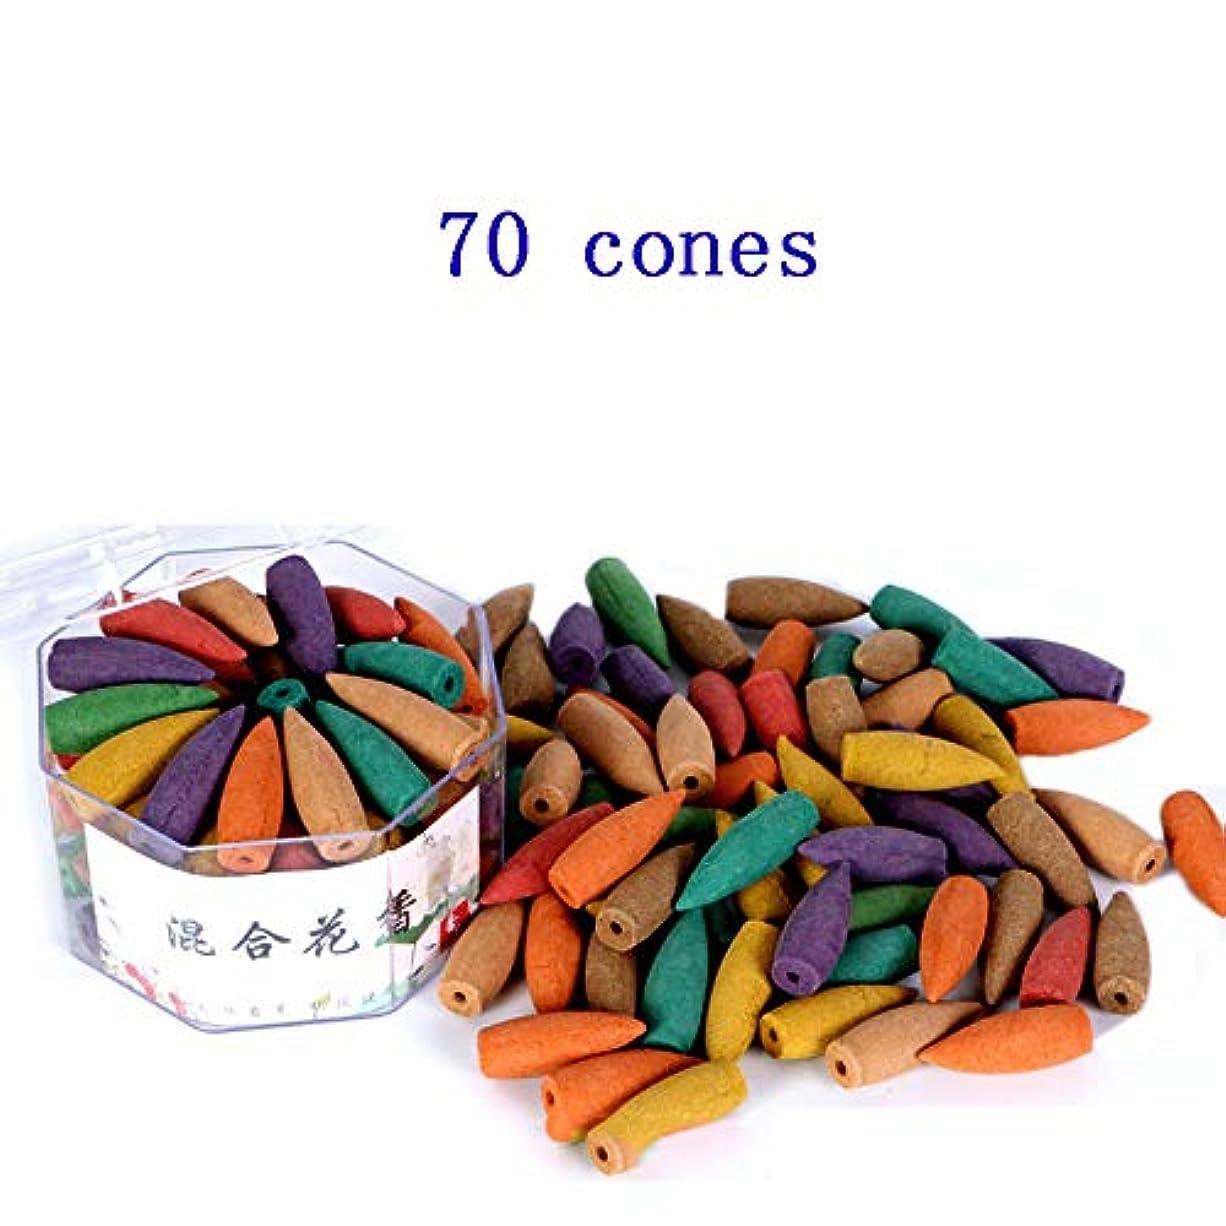 スチール旅行者定義する(In-70mixed) - Corcio 70pcs/box Lengthened Cone Tower Incense Backflow Incense Waterfall Cones for Incense Burner...